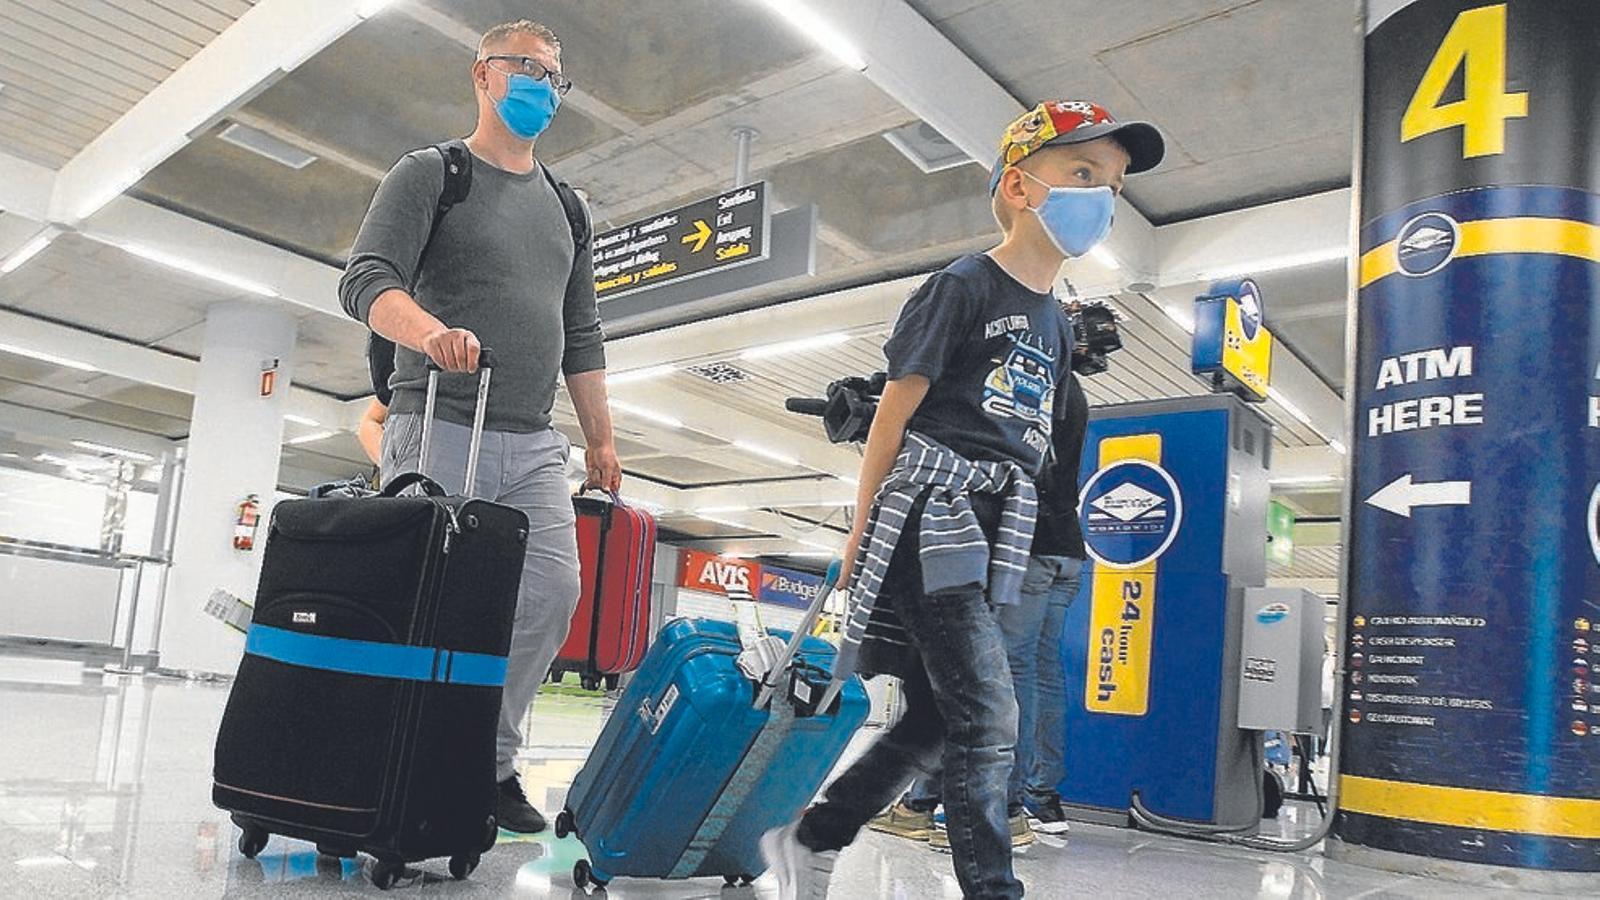 Turistes que arriben amb mascareta a l'aeroport de Son Sant Joan.